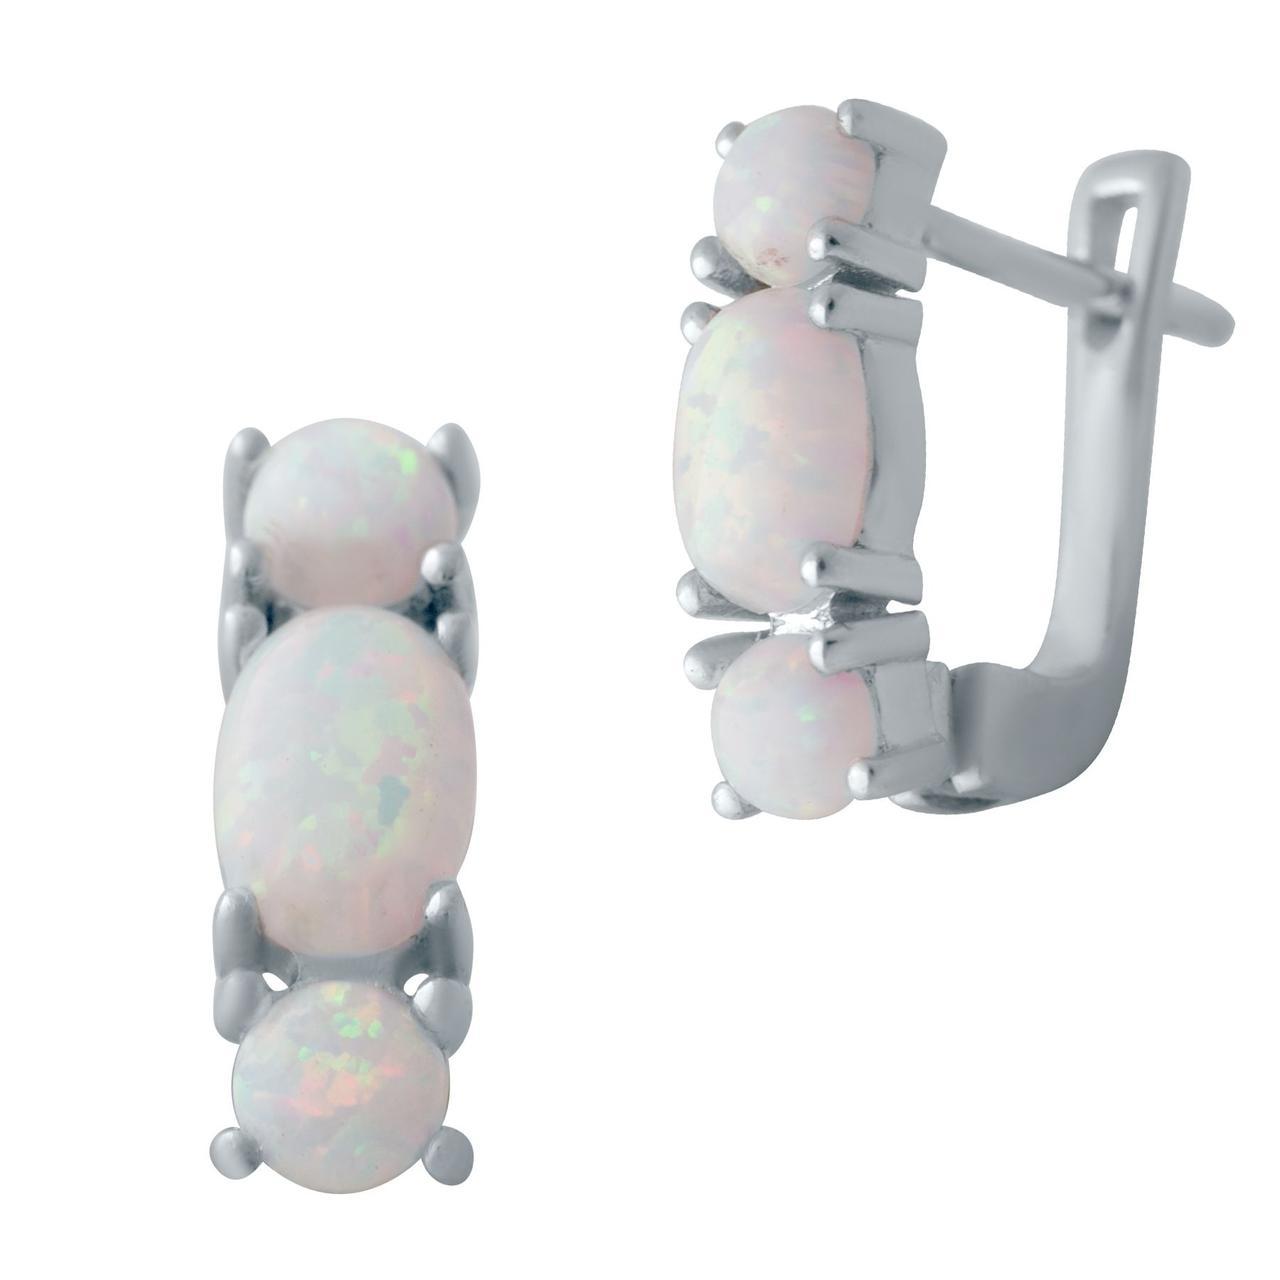 Срібні сережки DreamJewelry з опалом 1.44 ct (2040828)